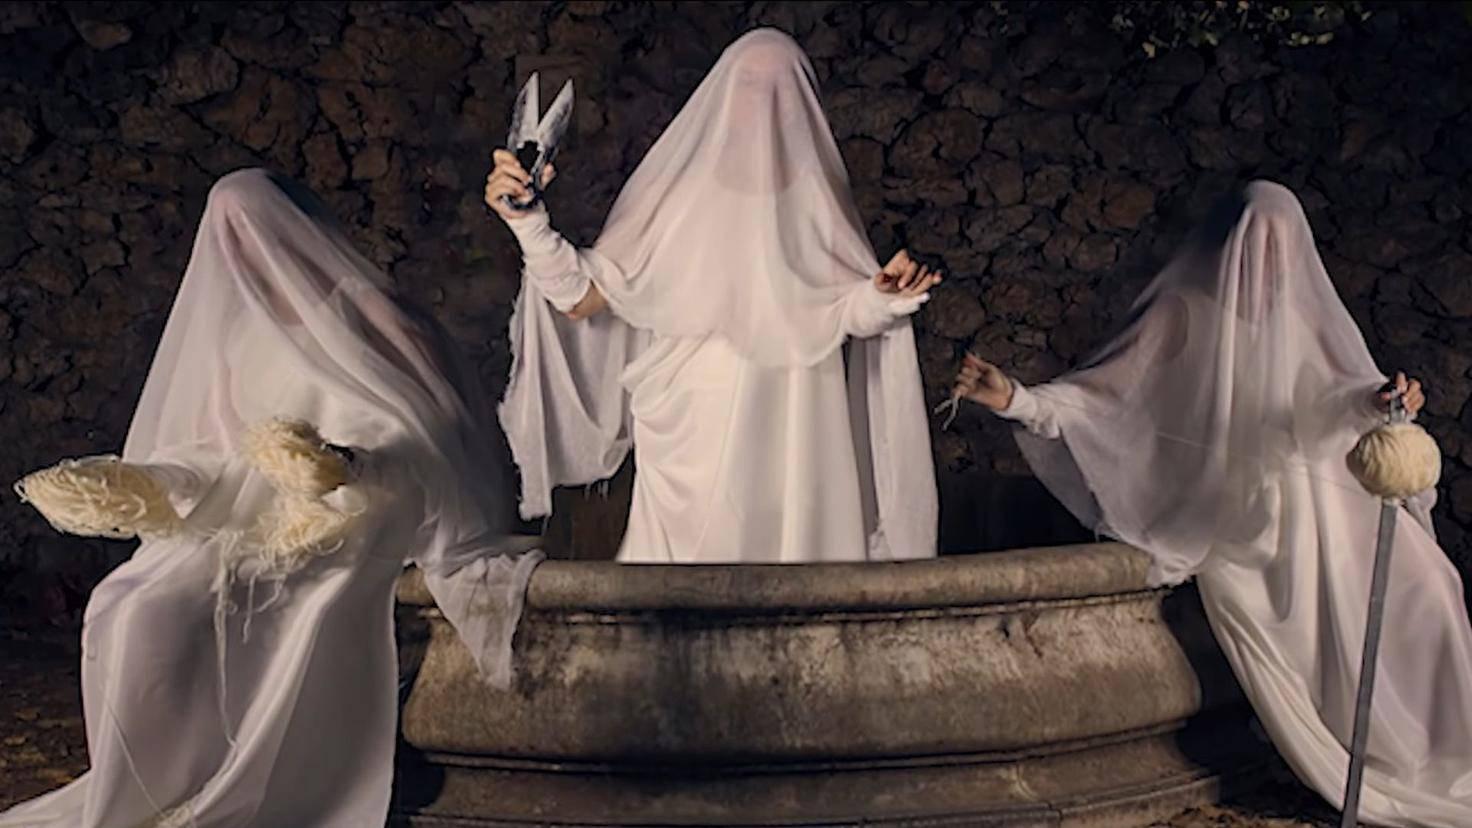 Die Griechen nannten die Schicksalsgöttinnen Erinnyen, die Römer Moiren oder Parzen – aber das wusstest Du natürlich.